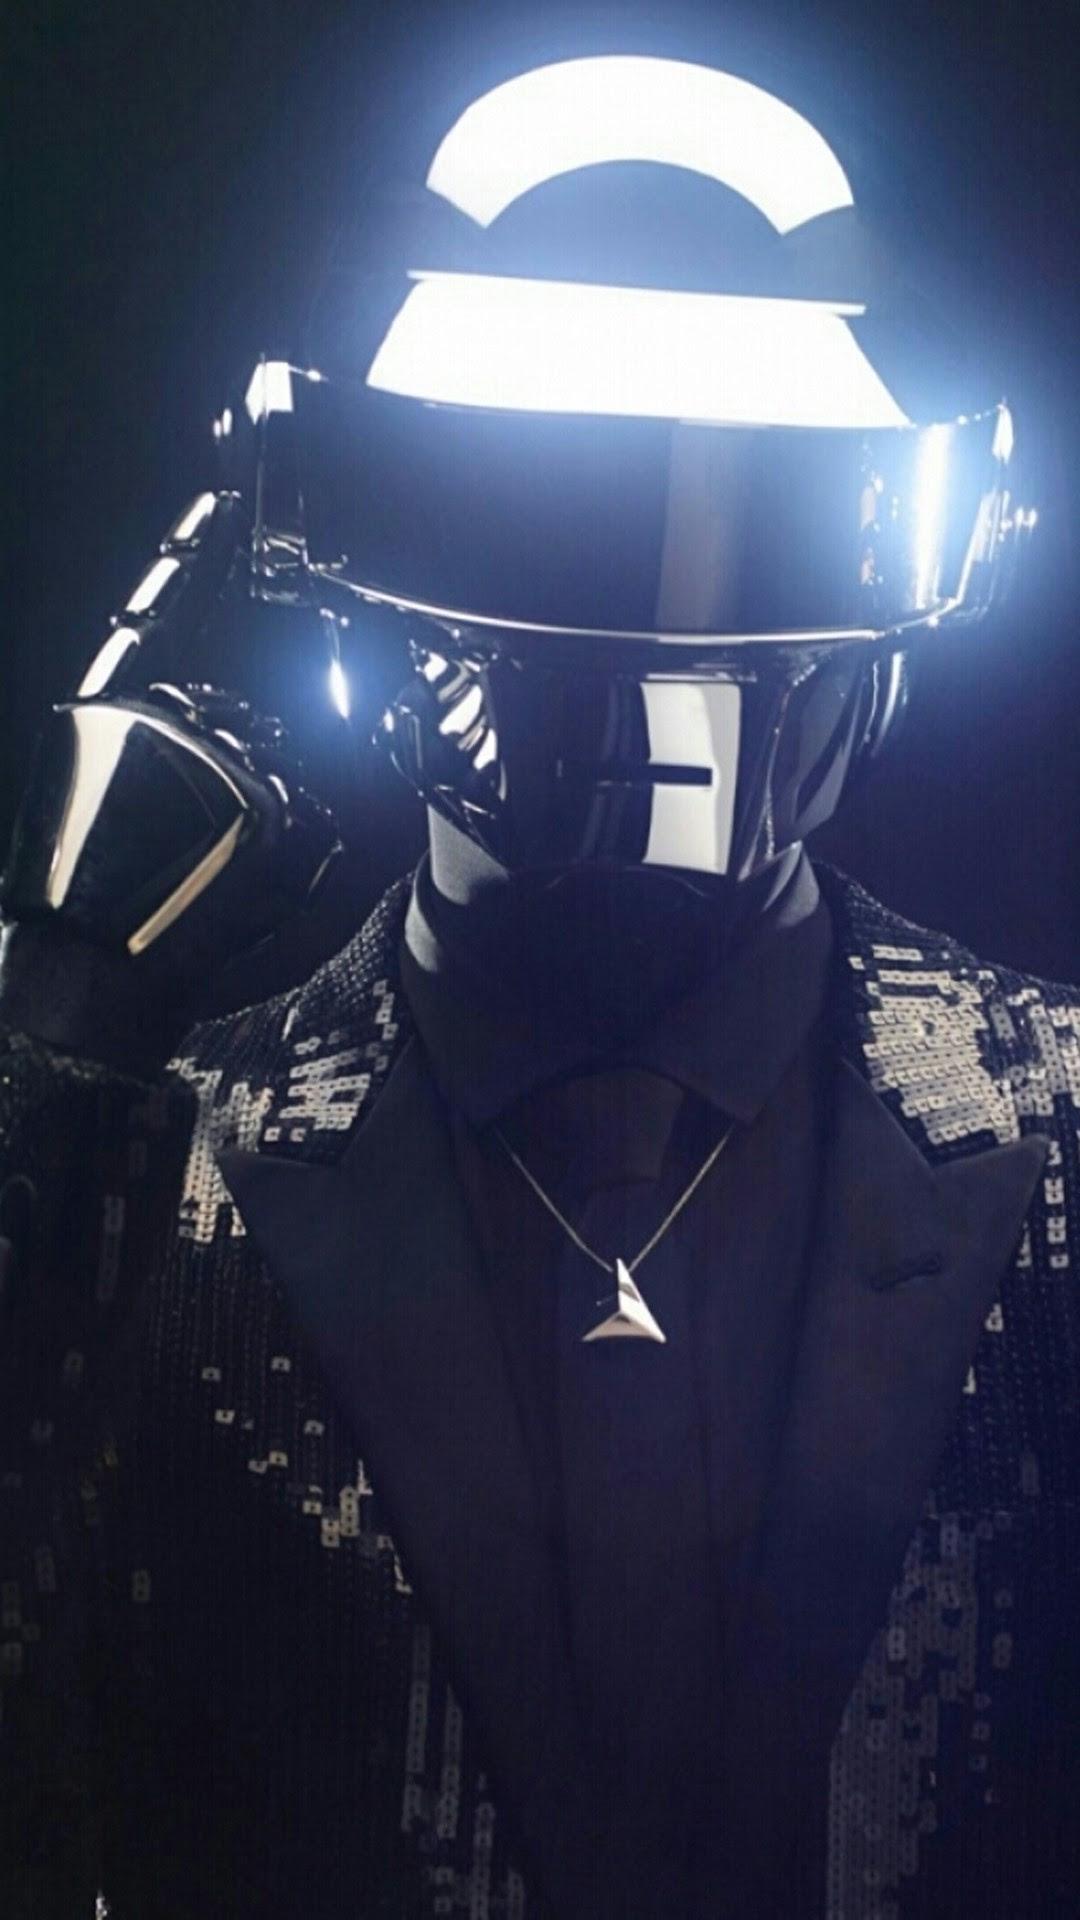 Daft Punk iPhone Wallpaper HD | PixelsTalk.Net